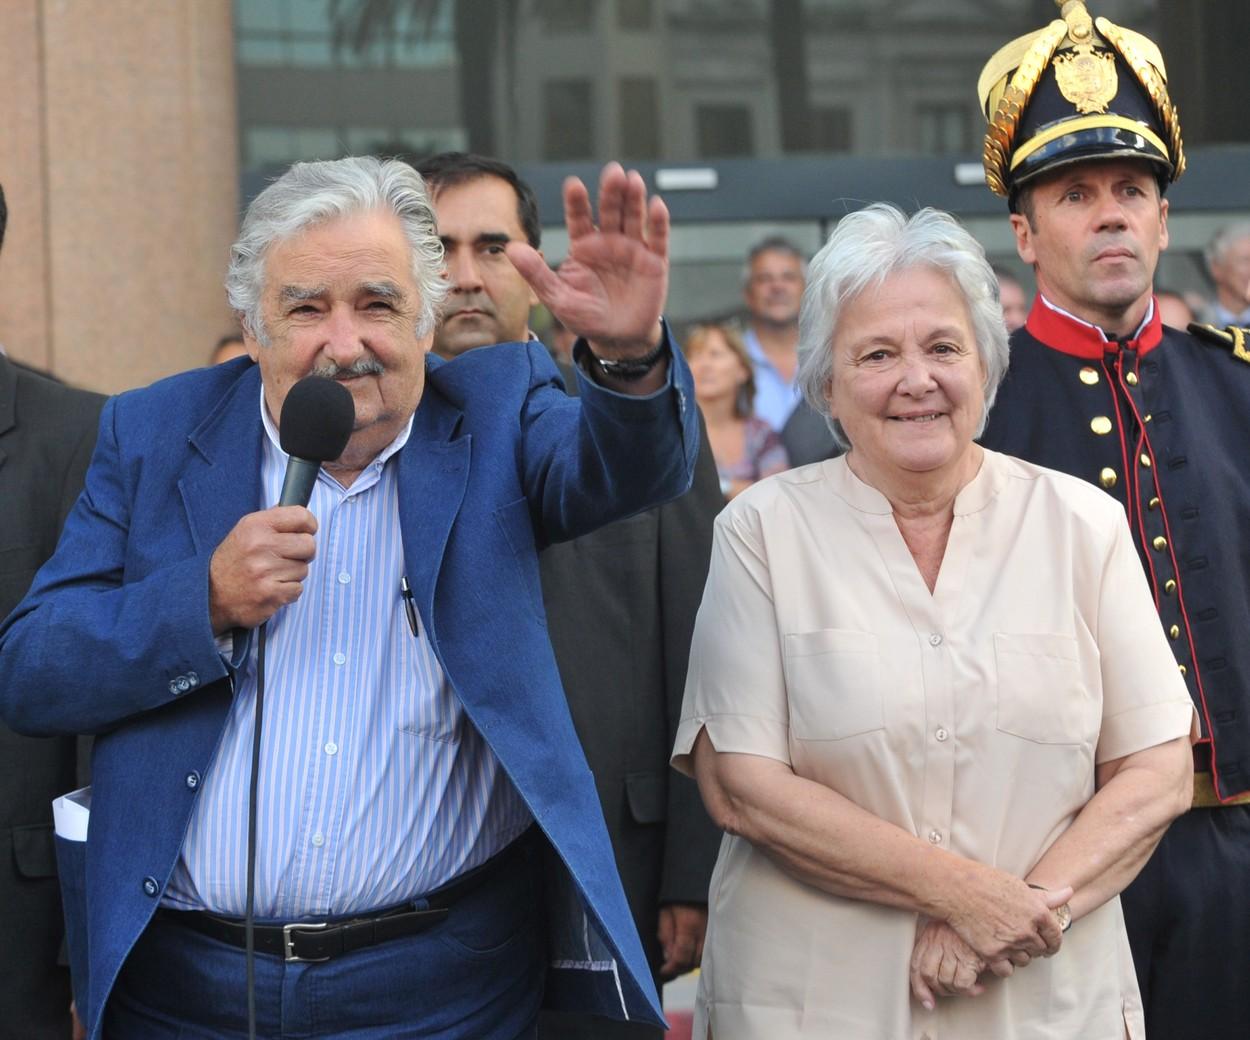 Odchází nejskromnější prezidentský pár světa